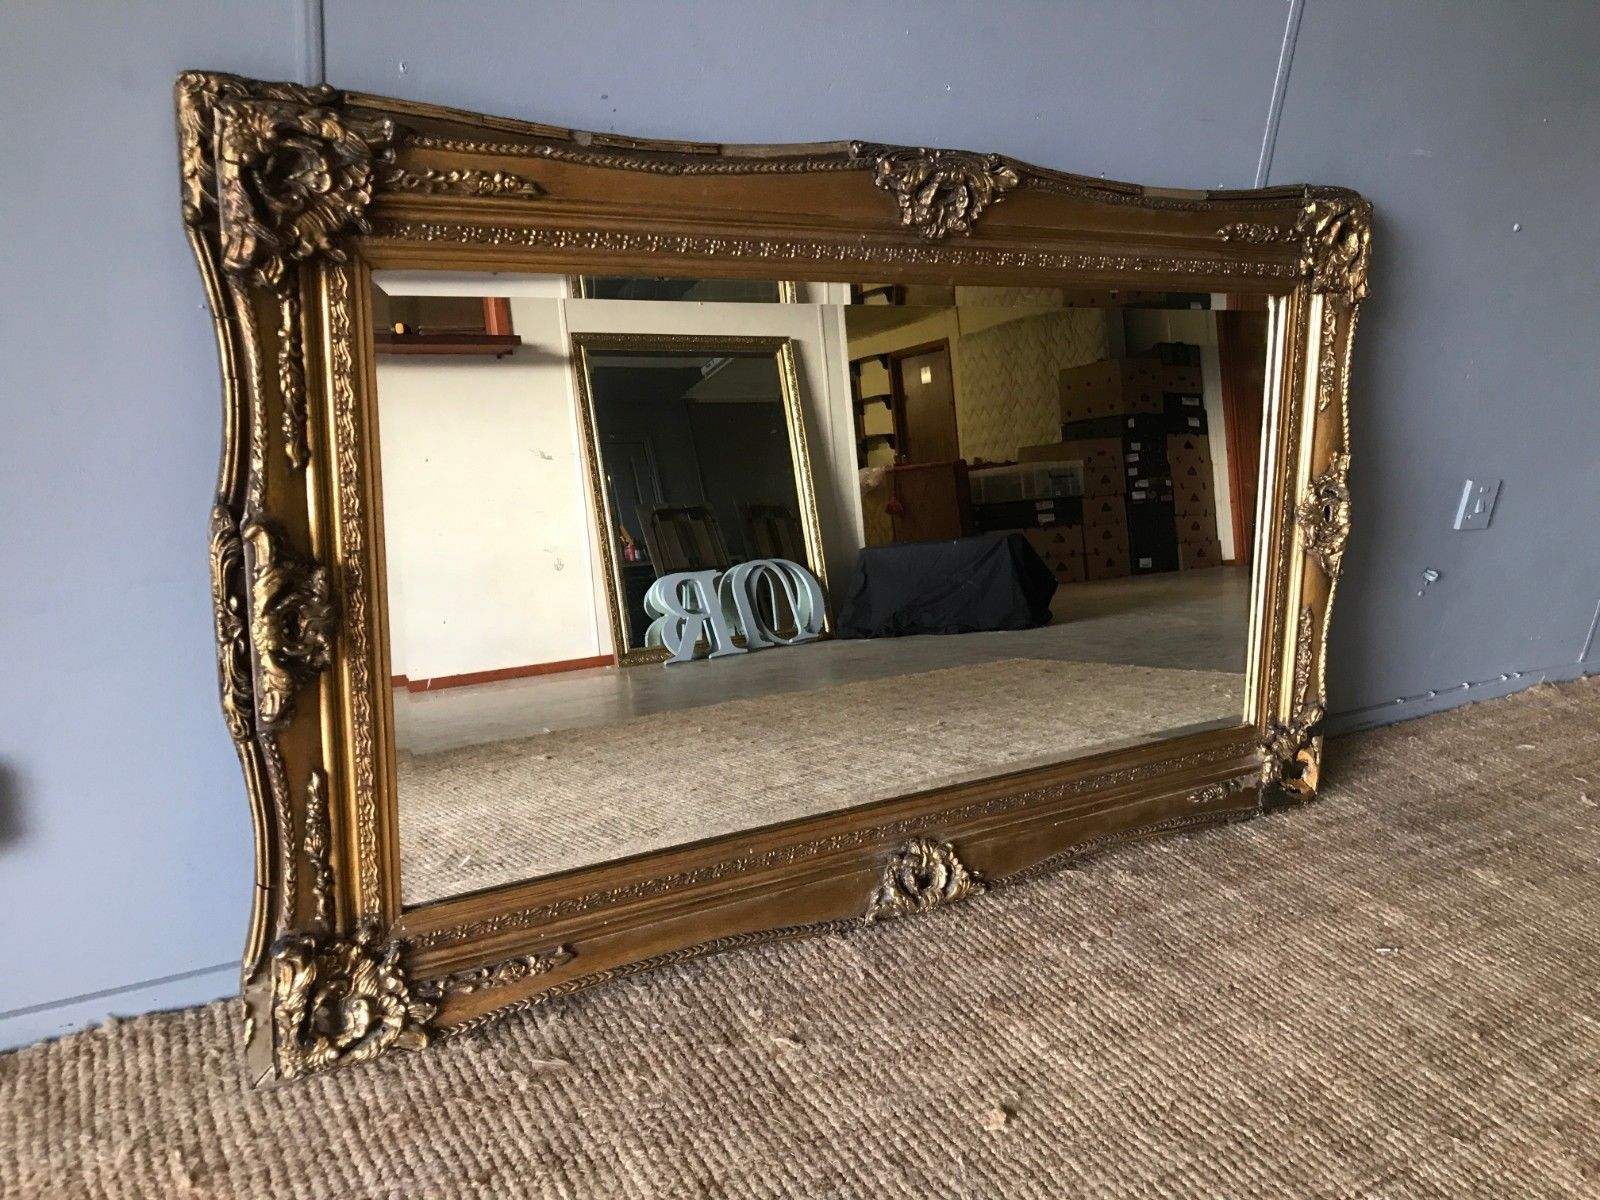 Huge Very Large Ornate Genuine Antique Vintage Gilt Frame Bevelled Wall Mirror Vinterior